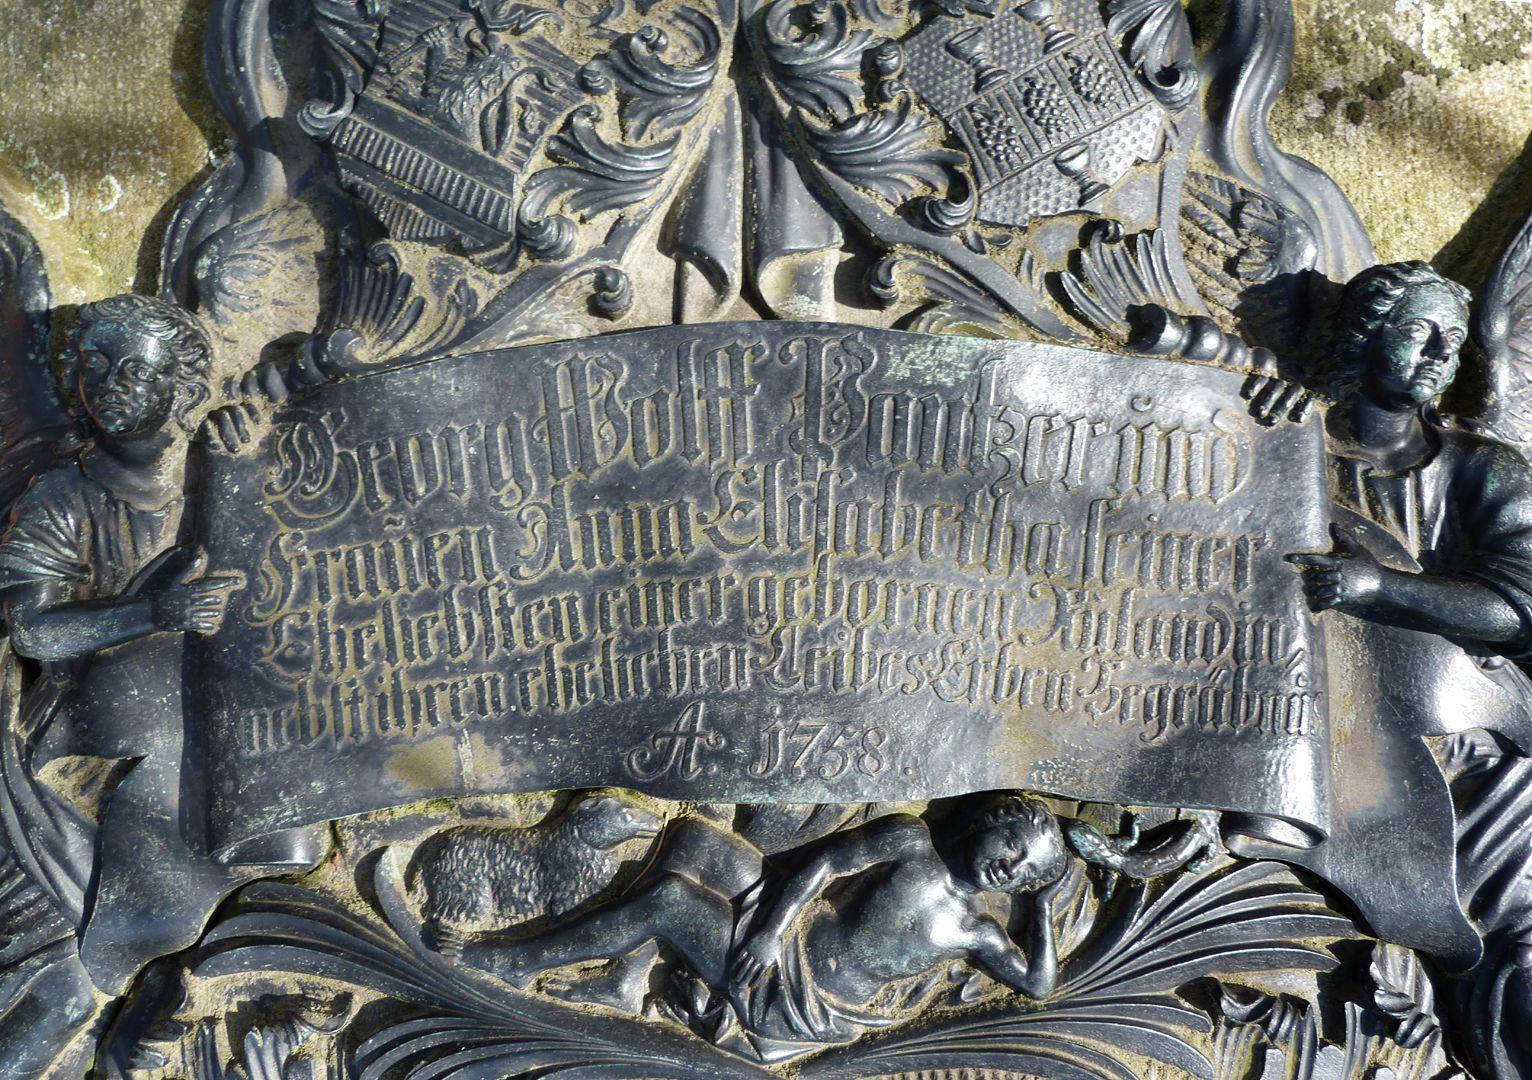 Tumba des Georg Wolff Pantzer und Ehefrau Anna Maria Elisabetha Ruland obere Inschrift